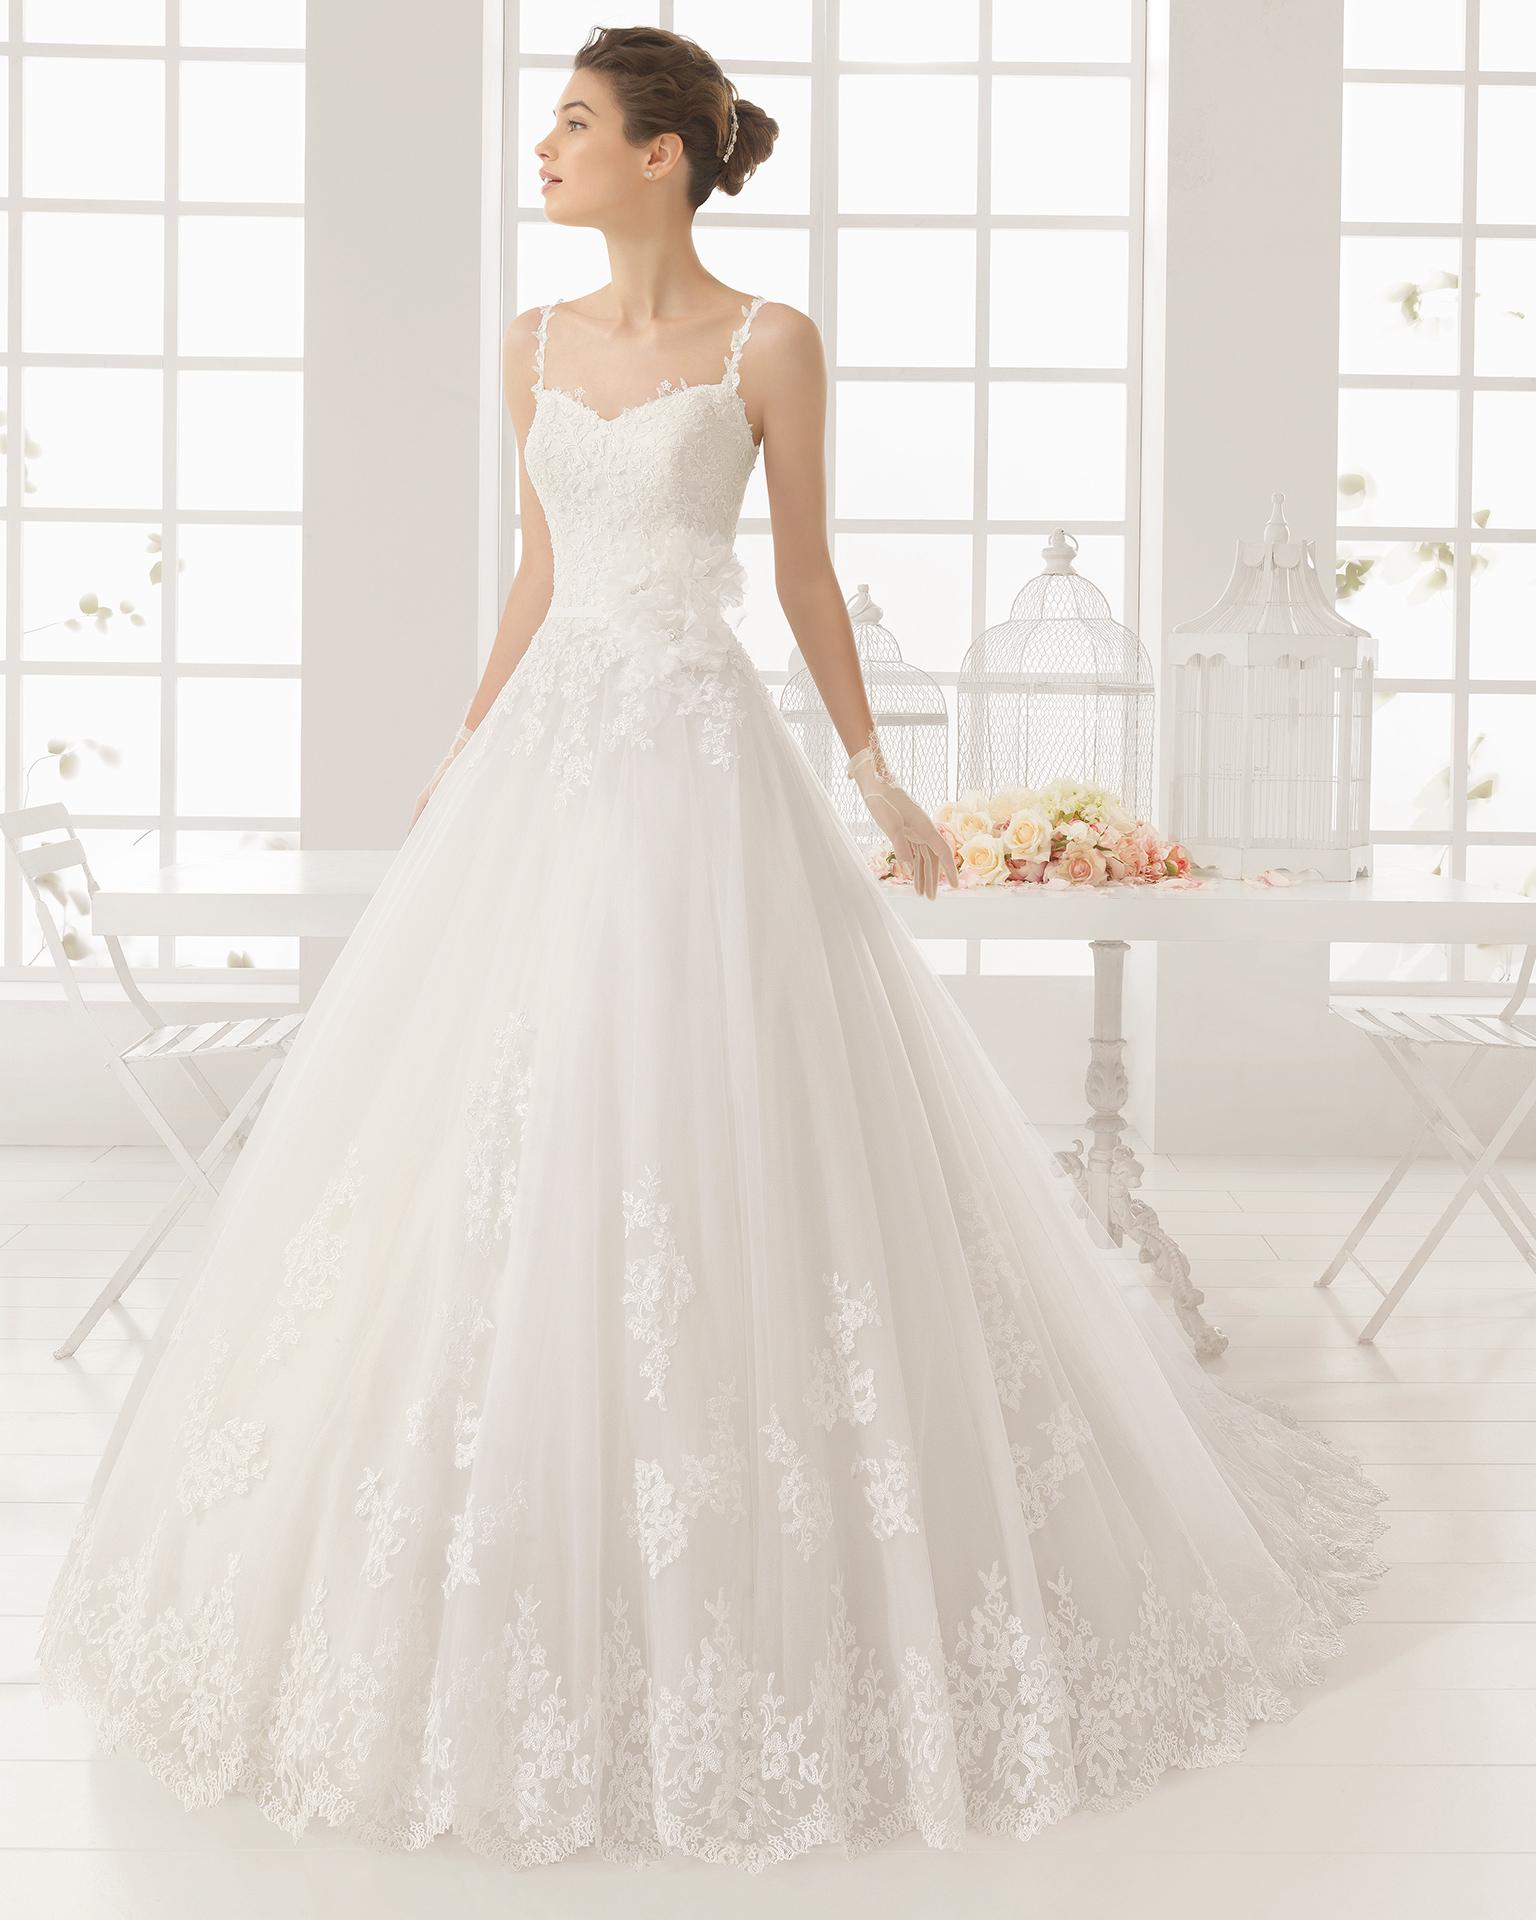 米丽亚姆(MIRIAM)珠饰刺绣薄纱新娘婚纱。